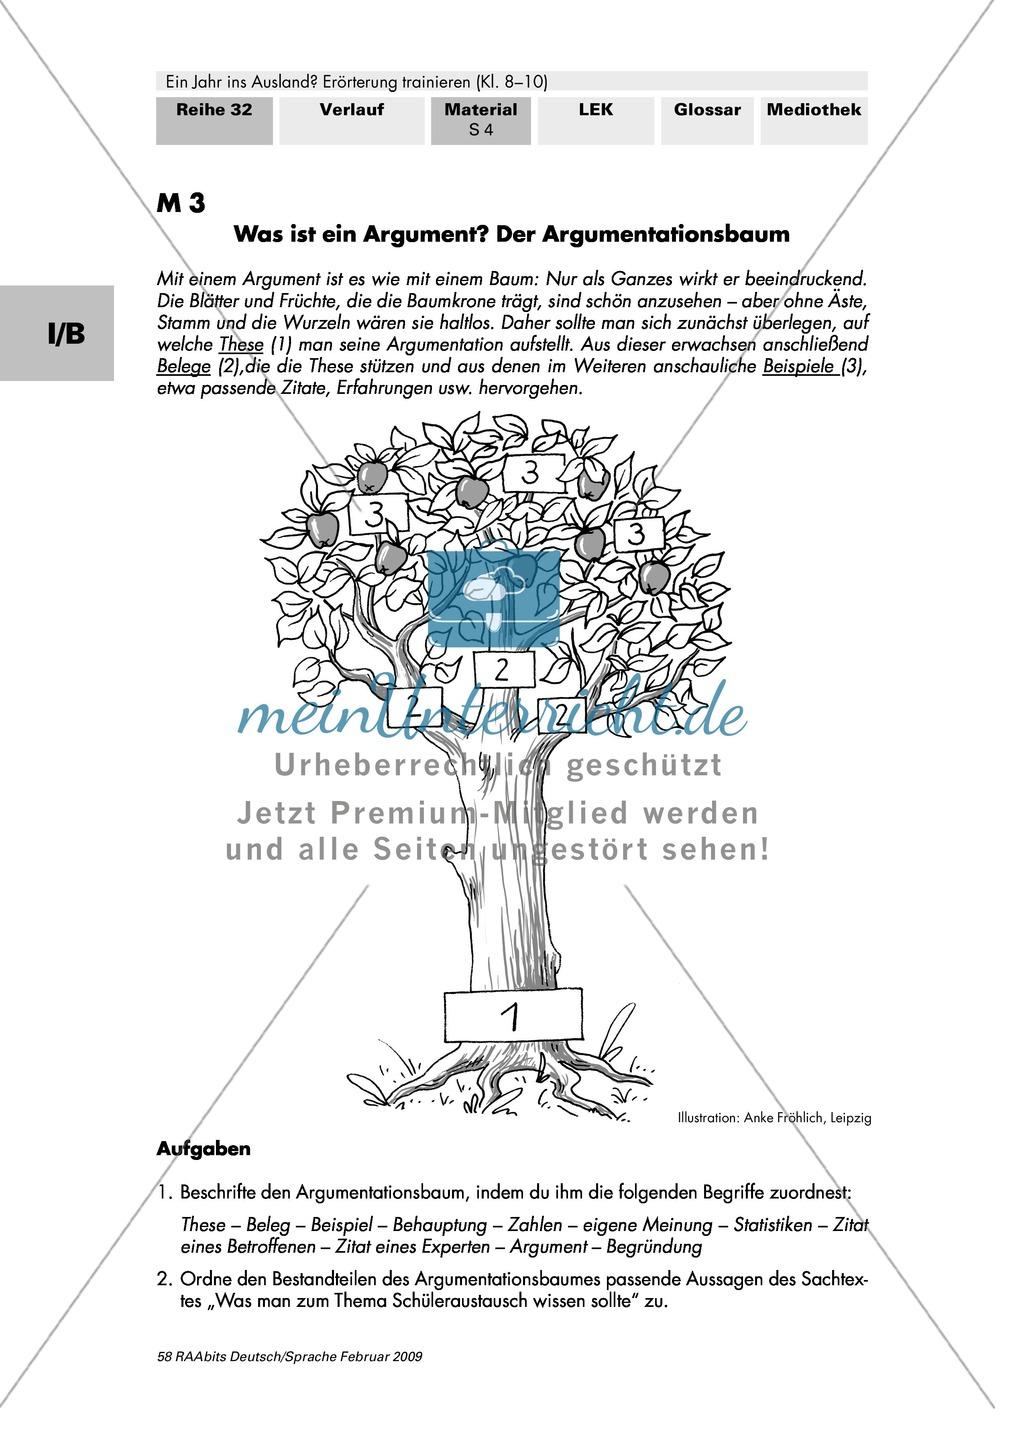 argumente in errterungen anordnen argumentationsbaum aufbau einer dialektischen errterung preview 0 - Dialektische Errterung Muster